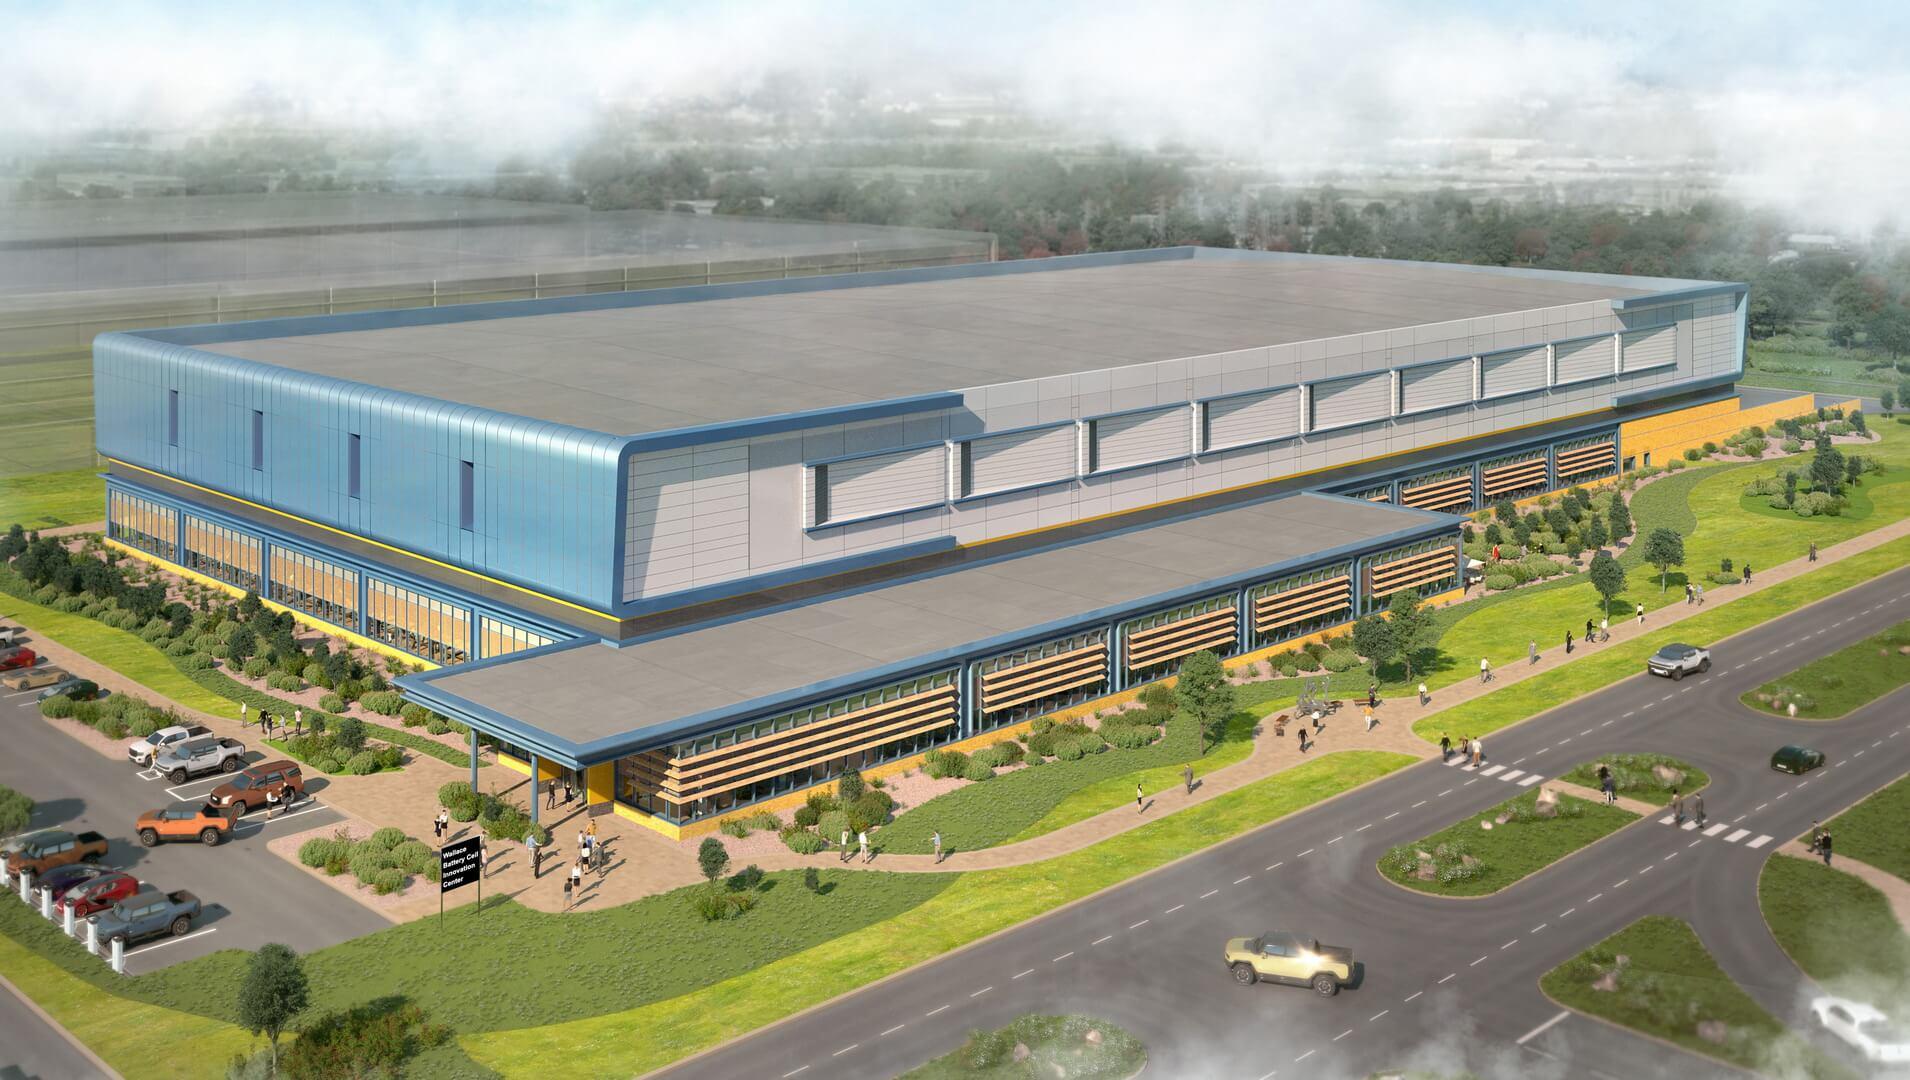 GM строит гигантскую лабораторию по разработке аккумуляторов в пригороде Детройта